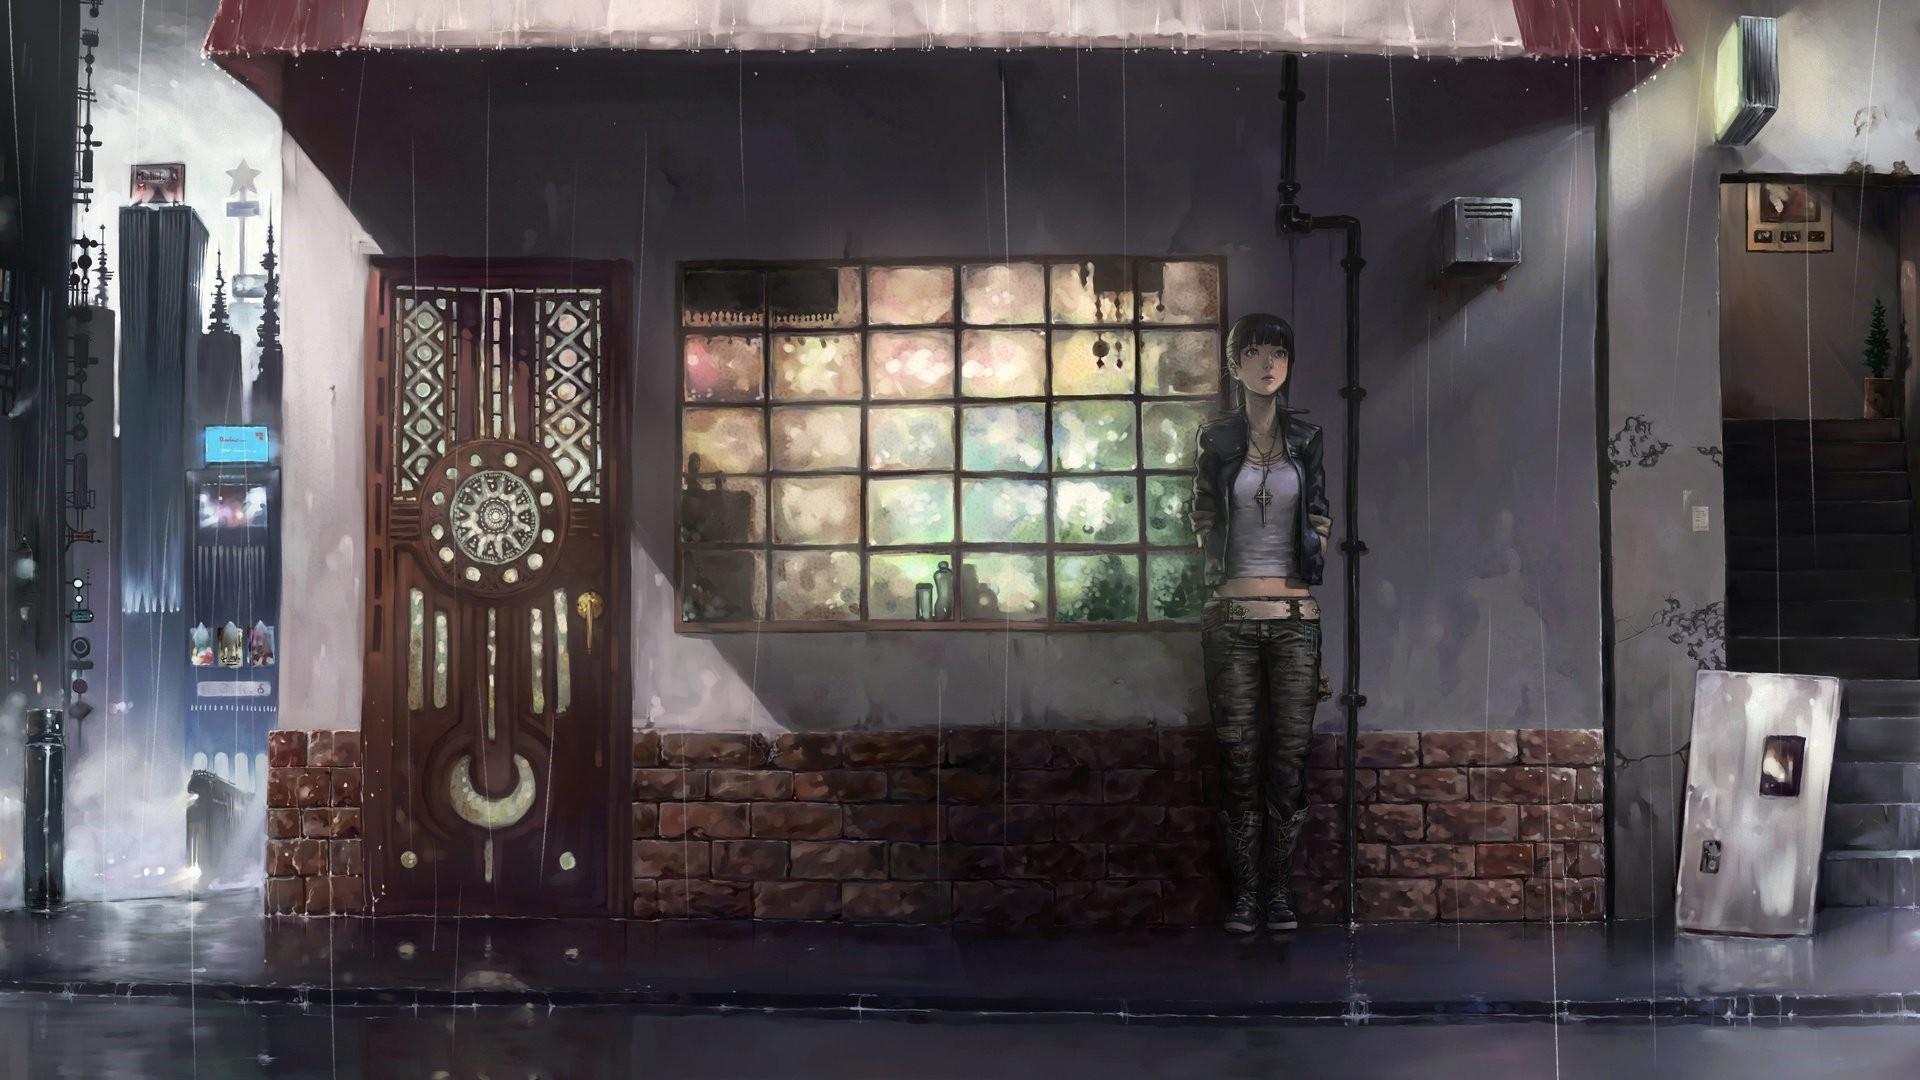 Anime Rain wallpaper picture hd